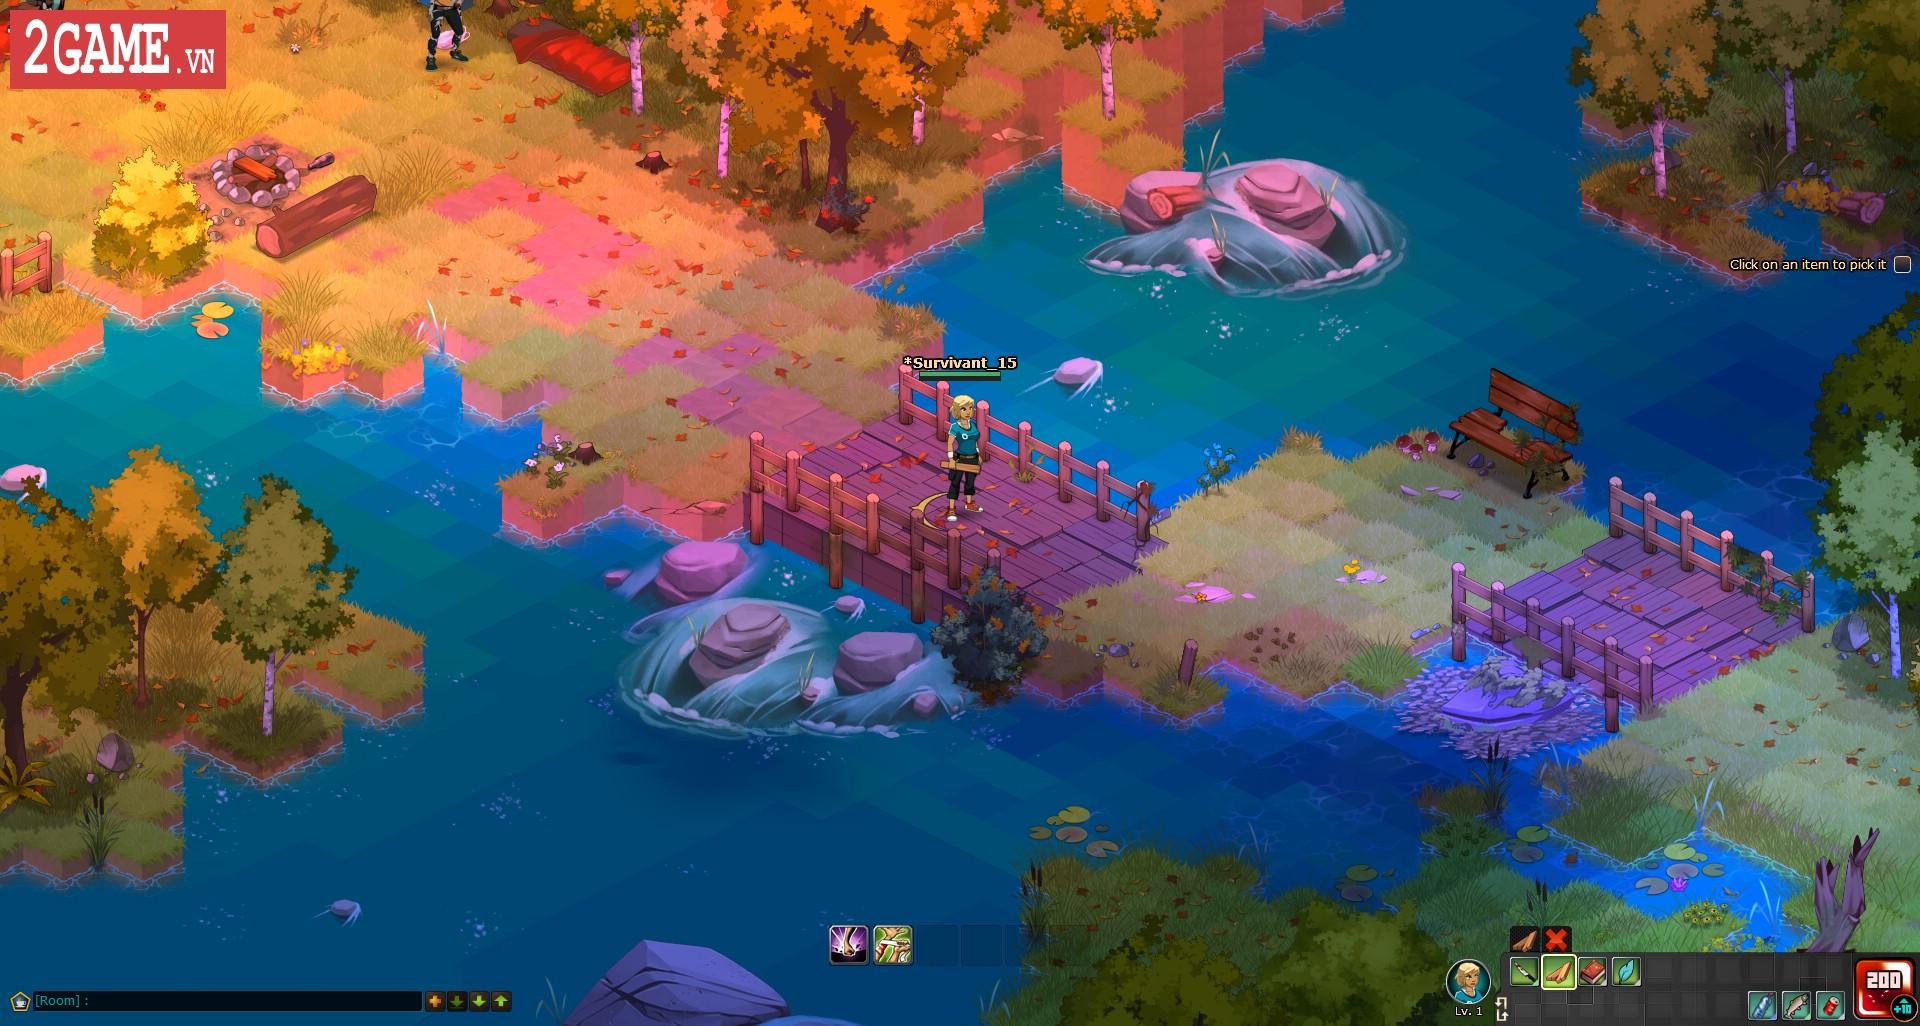 Dead Maze – Hé lộ dự án game nhập vai thế giới mở mới đầy đột phá 0